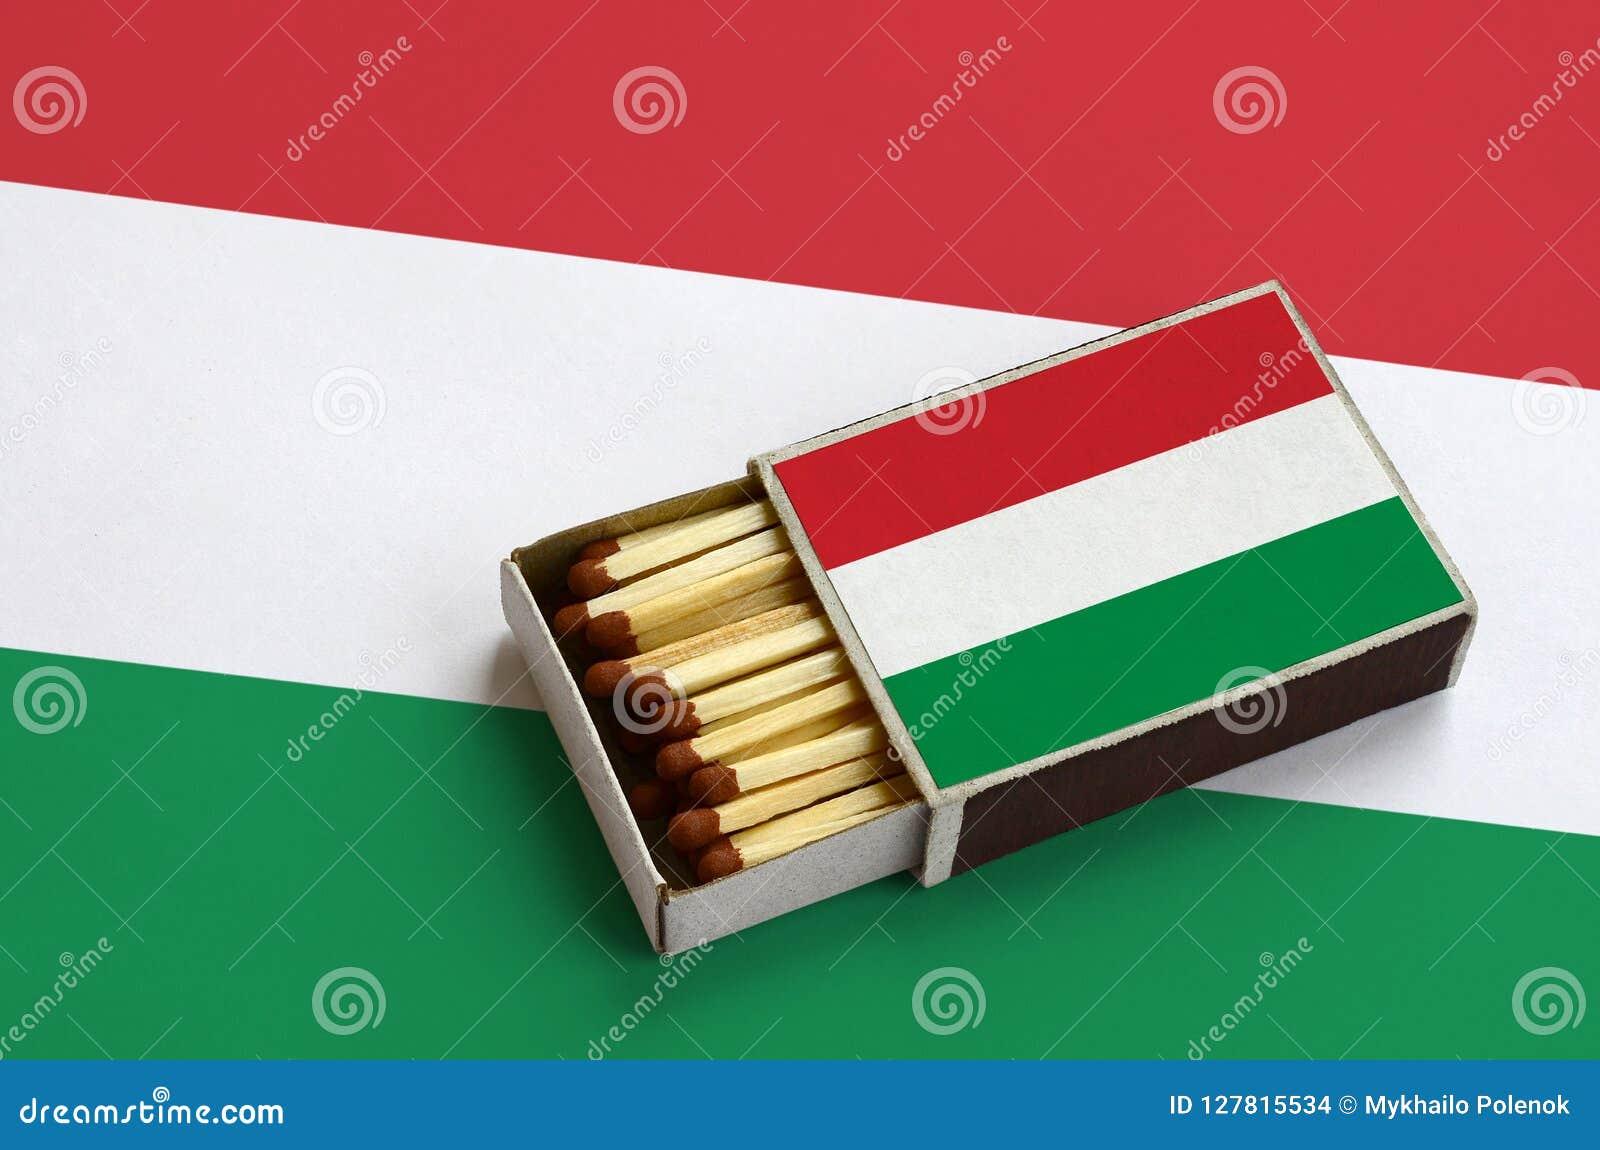 Le drapeau de la Hongrie est montré dans une boîte d allumettes ouverte, qui est remplie de matchs et se trouve sur un grand drap